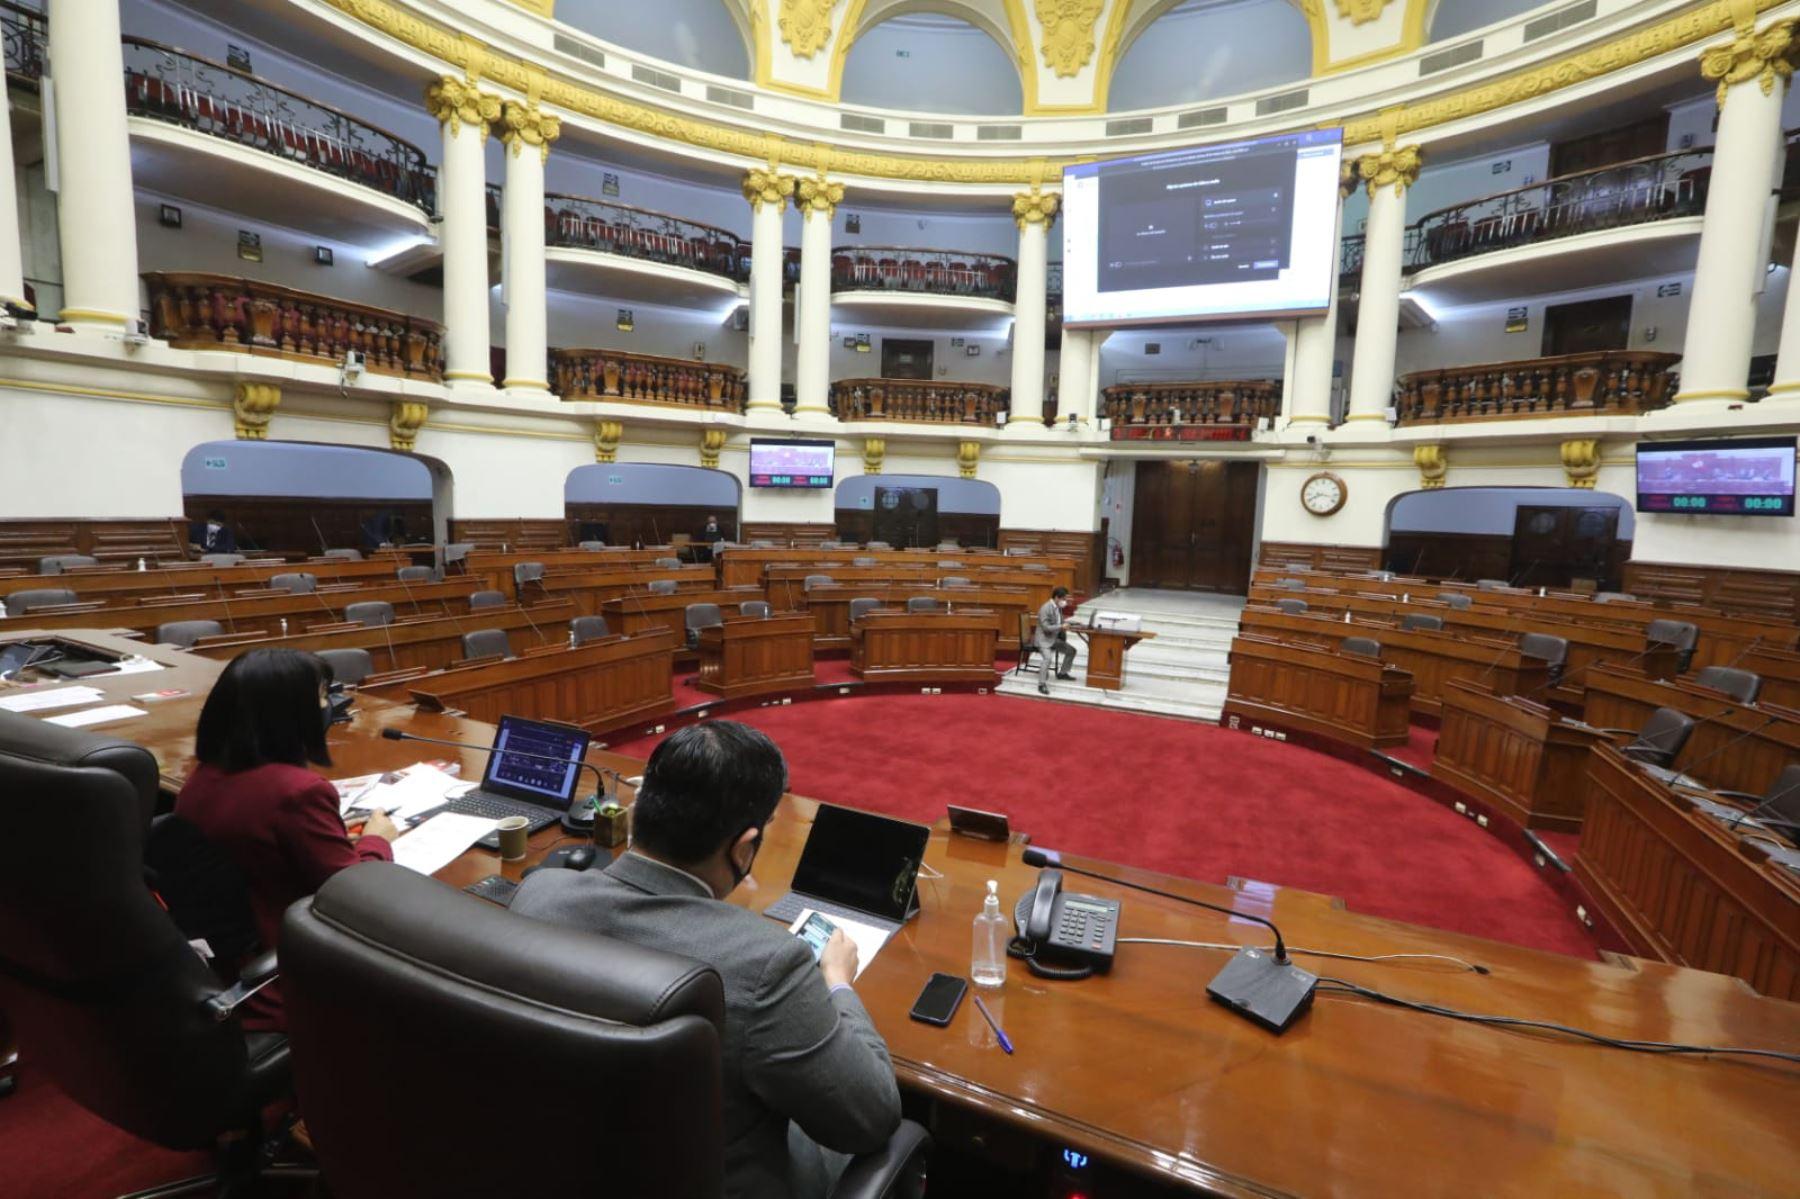 Congreso: Junta de Portavoces se reúne mañana a las 08:00 horas